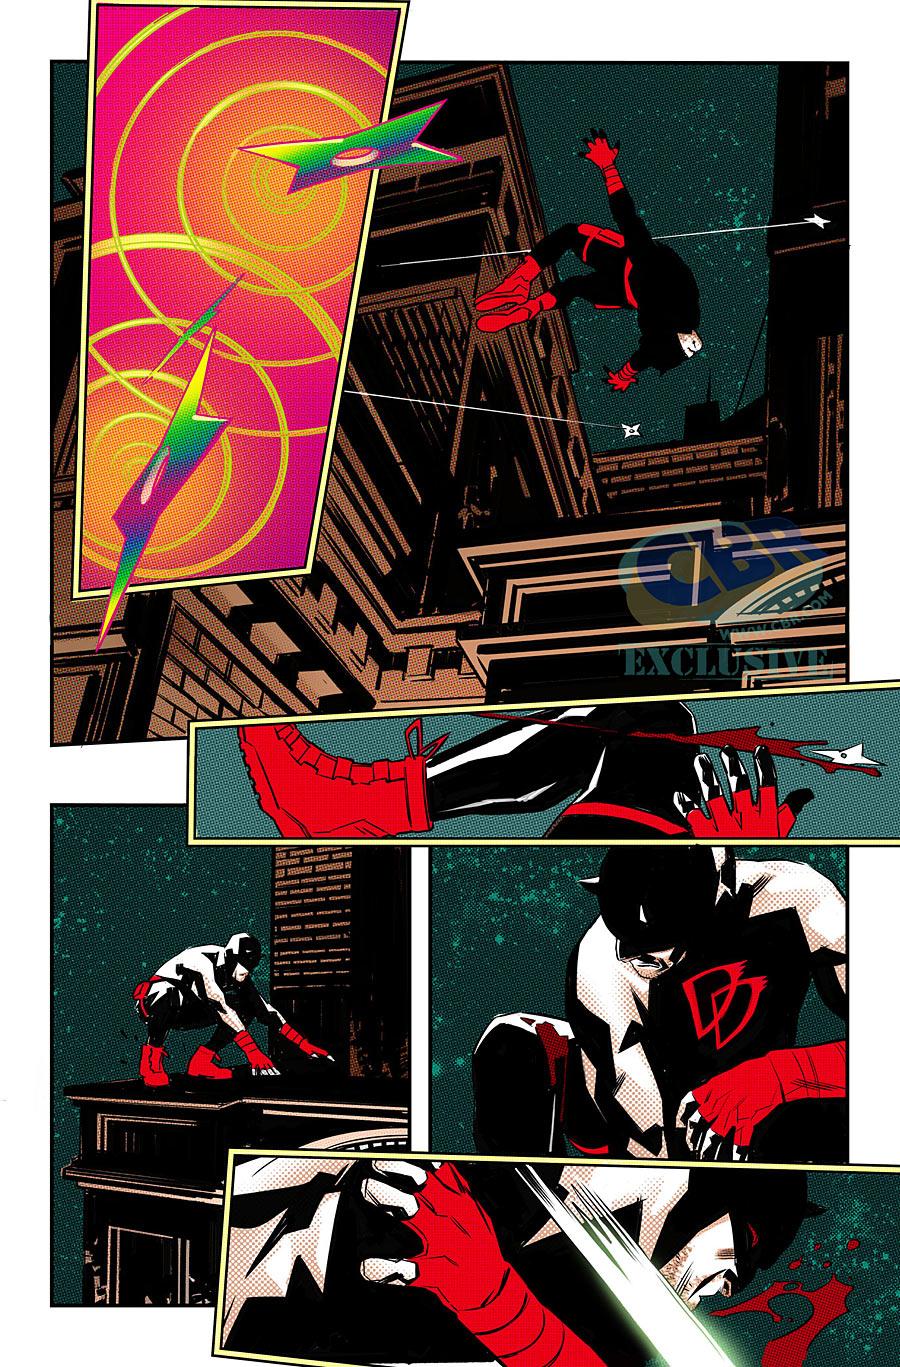 Daredevil #6, anteprima 02